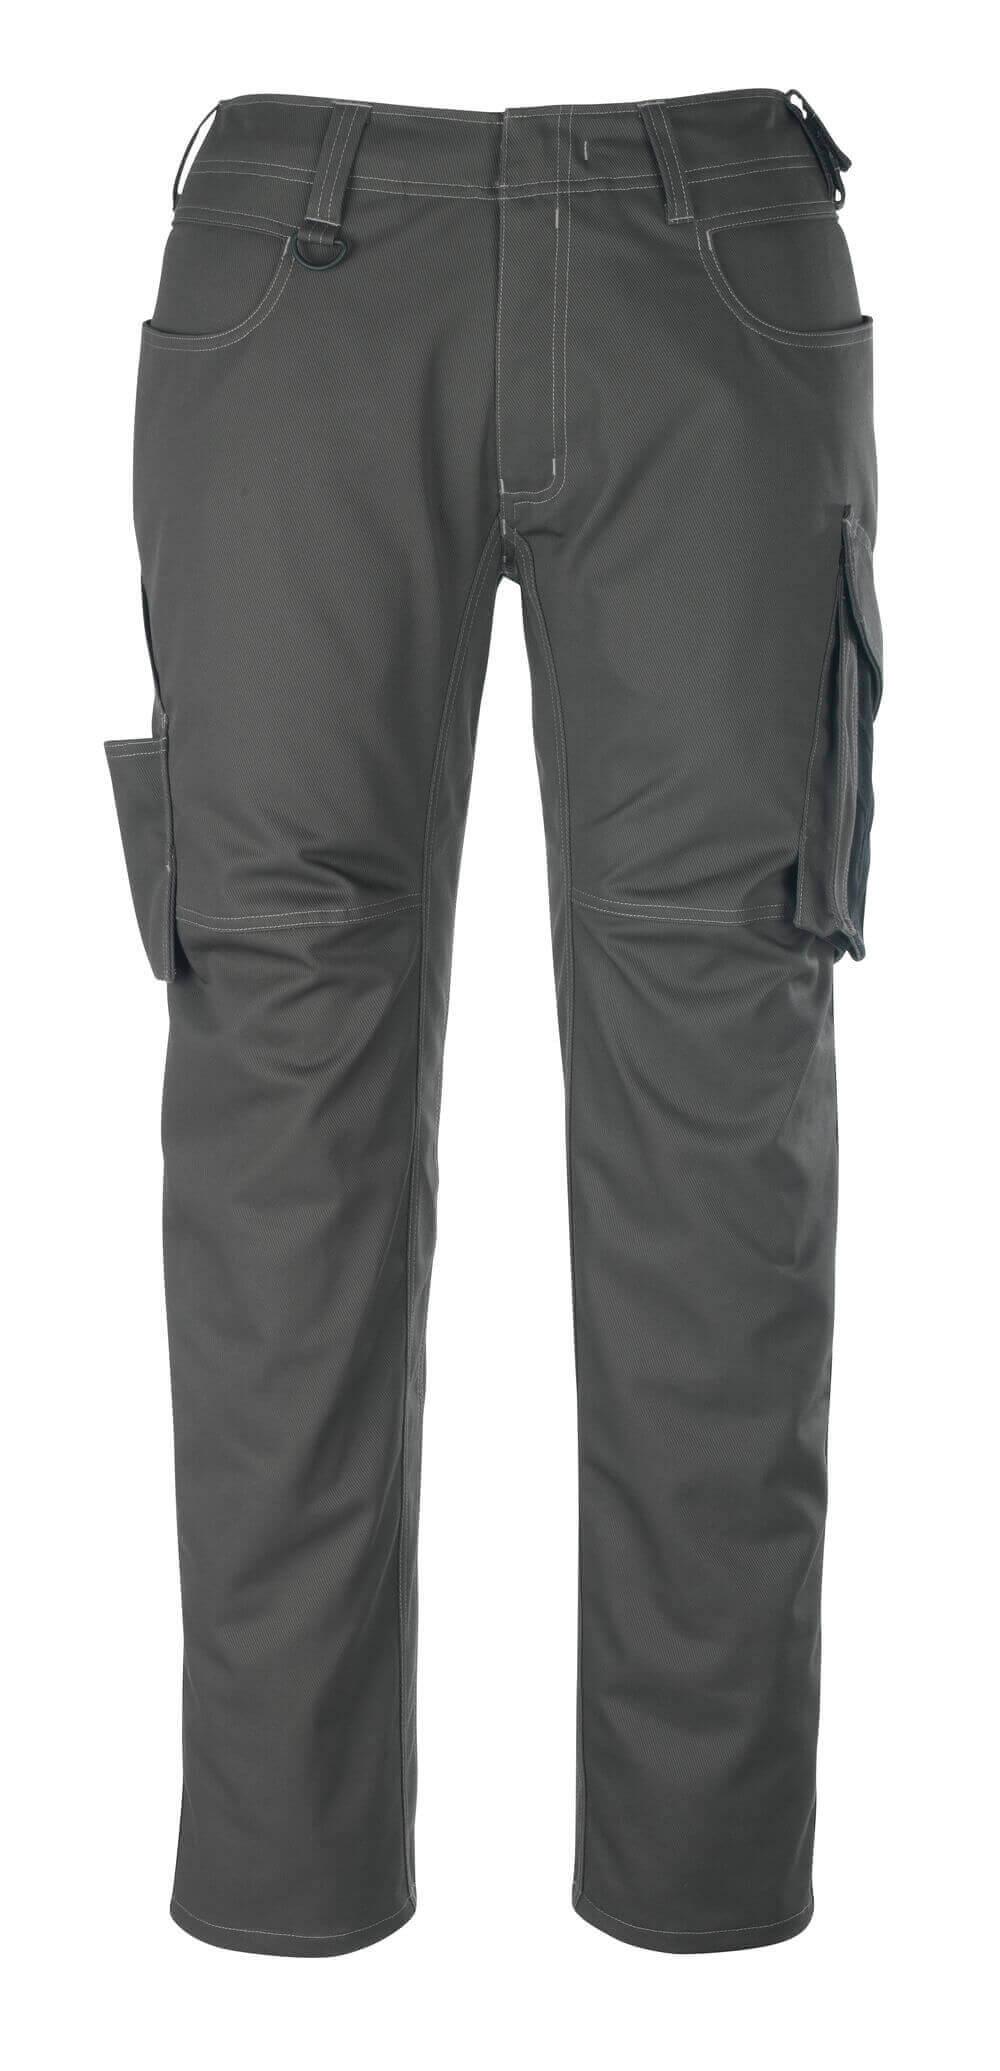 Dortmund - Pantalon Mascot, poches cuisse